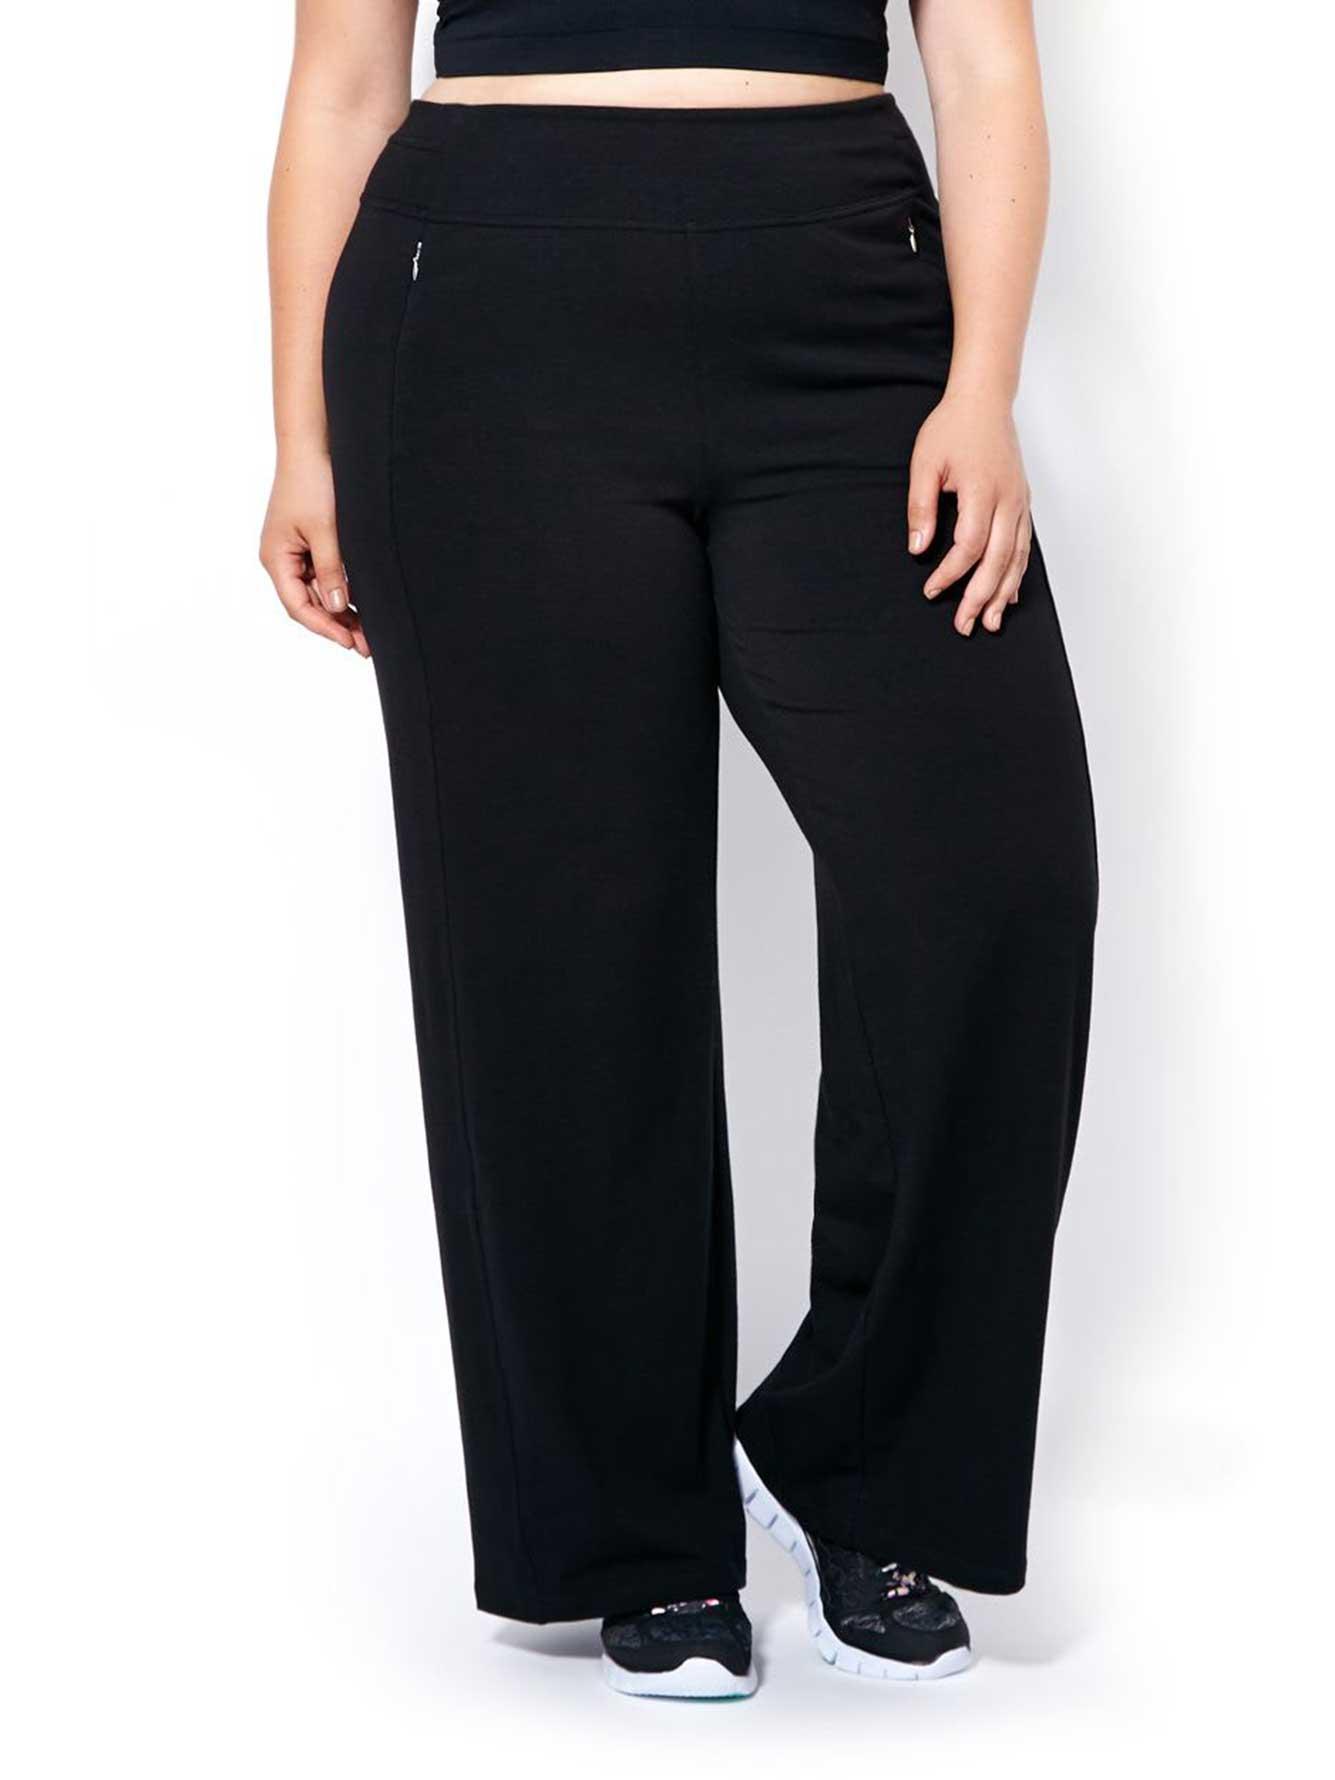 44fcdc1e434c9 Essentials - Plus-Size Wide Leg Yoga Pant | Penningtons